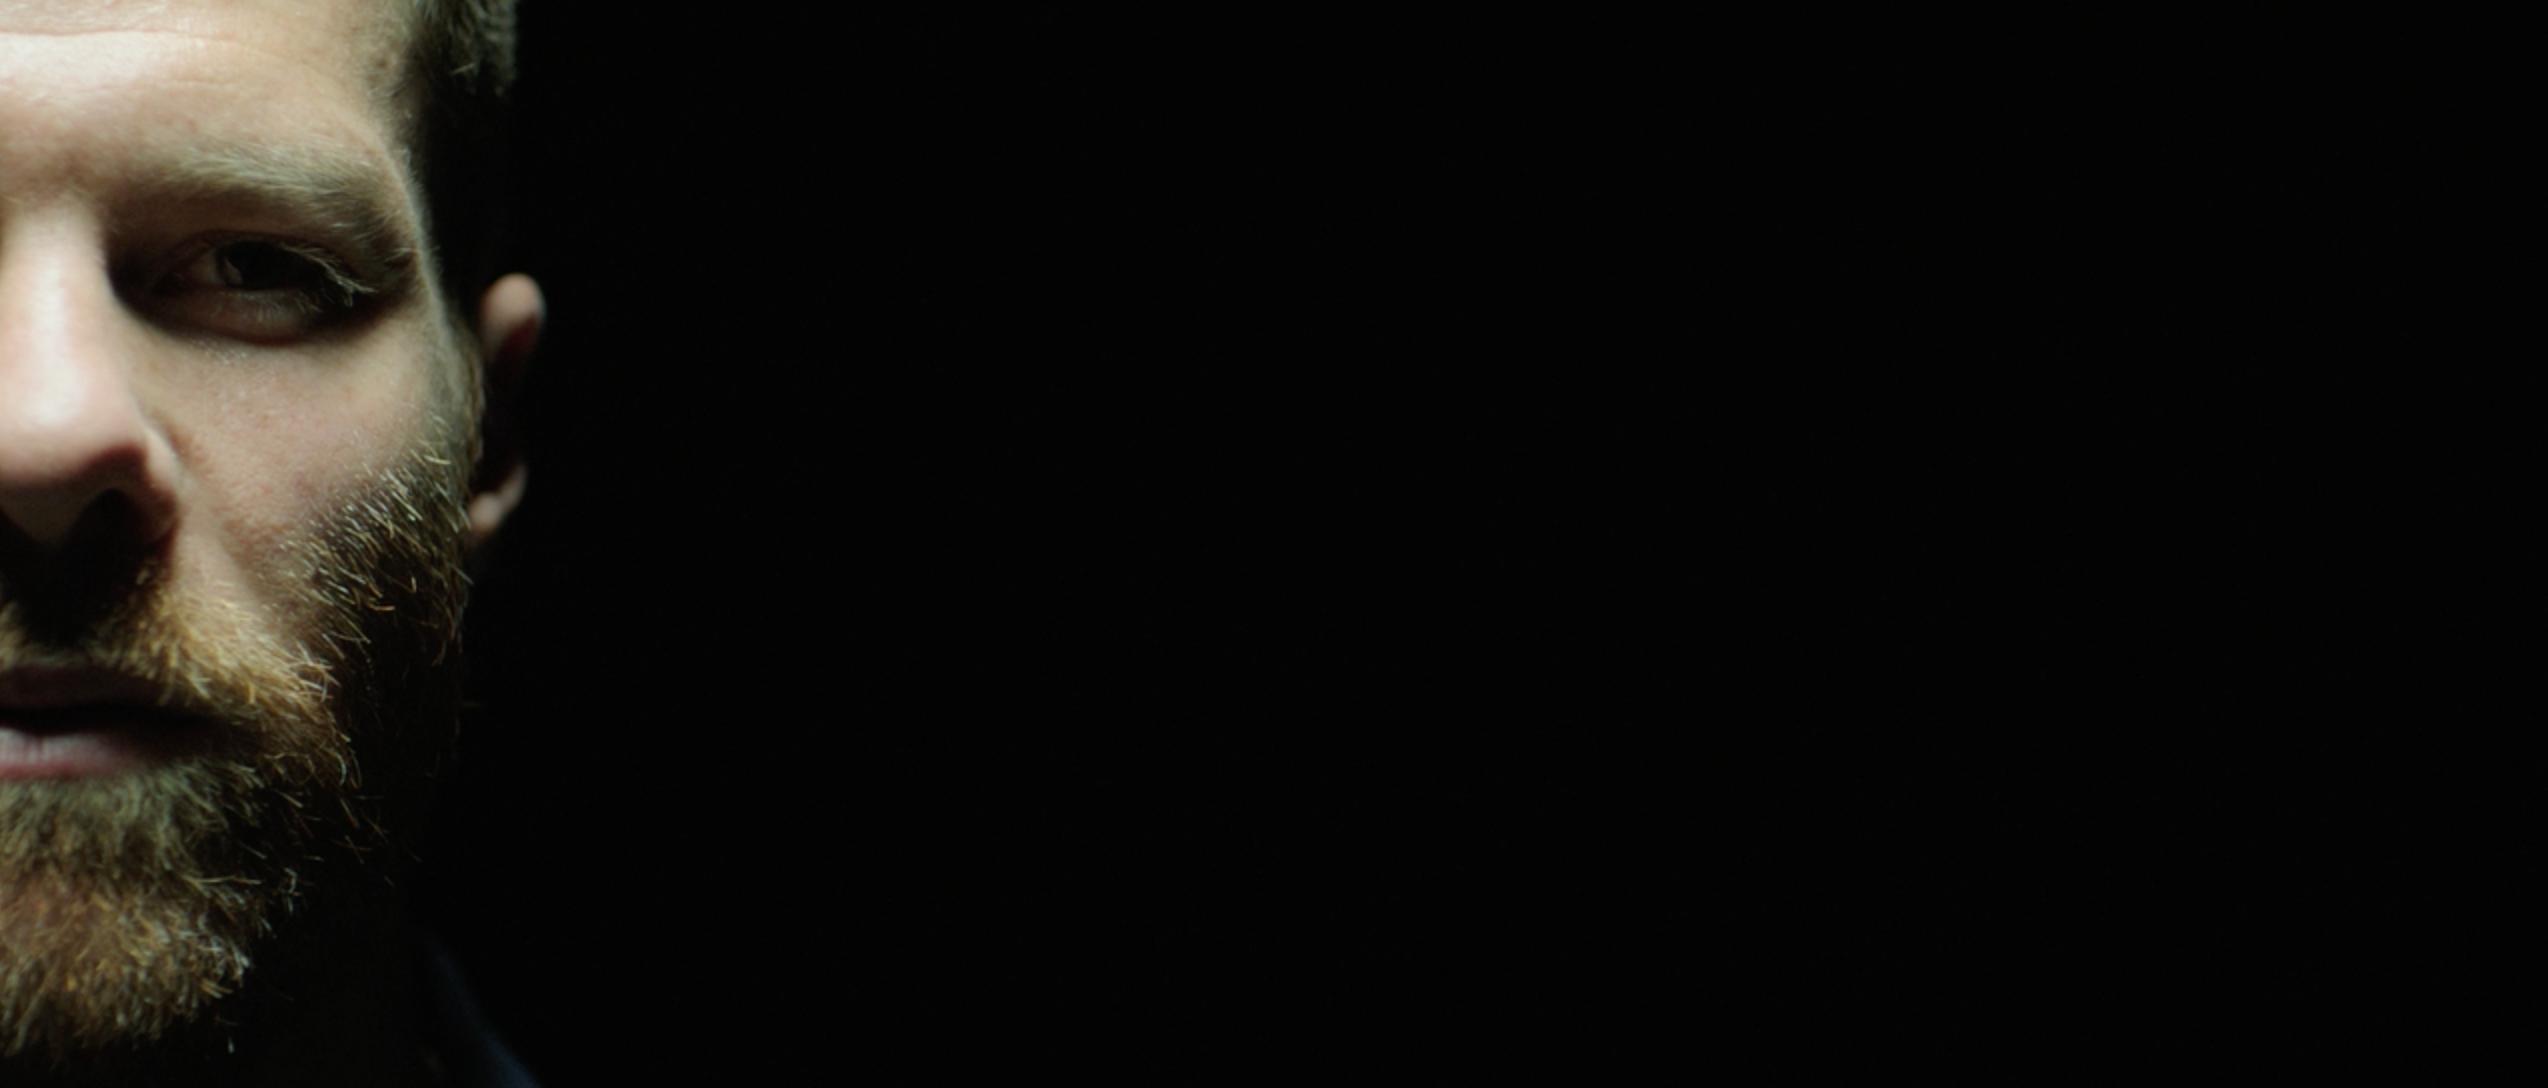 Screen Shot 2015-08-24 at 12.51.16 PM.png